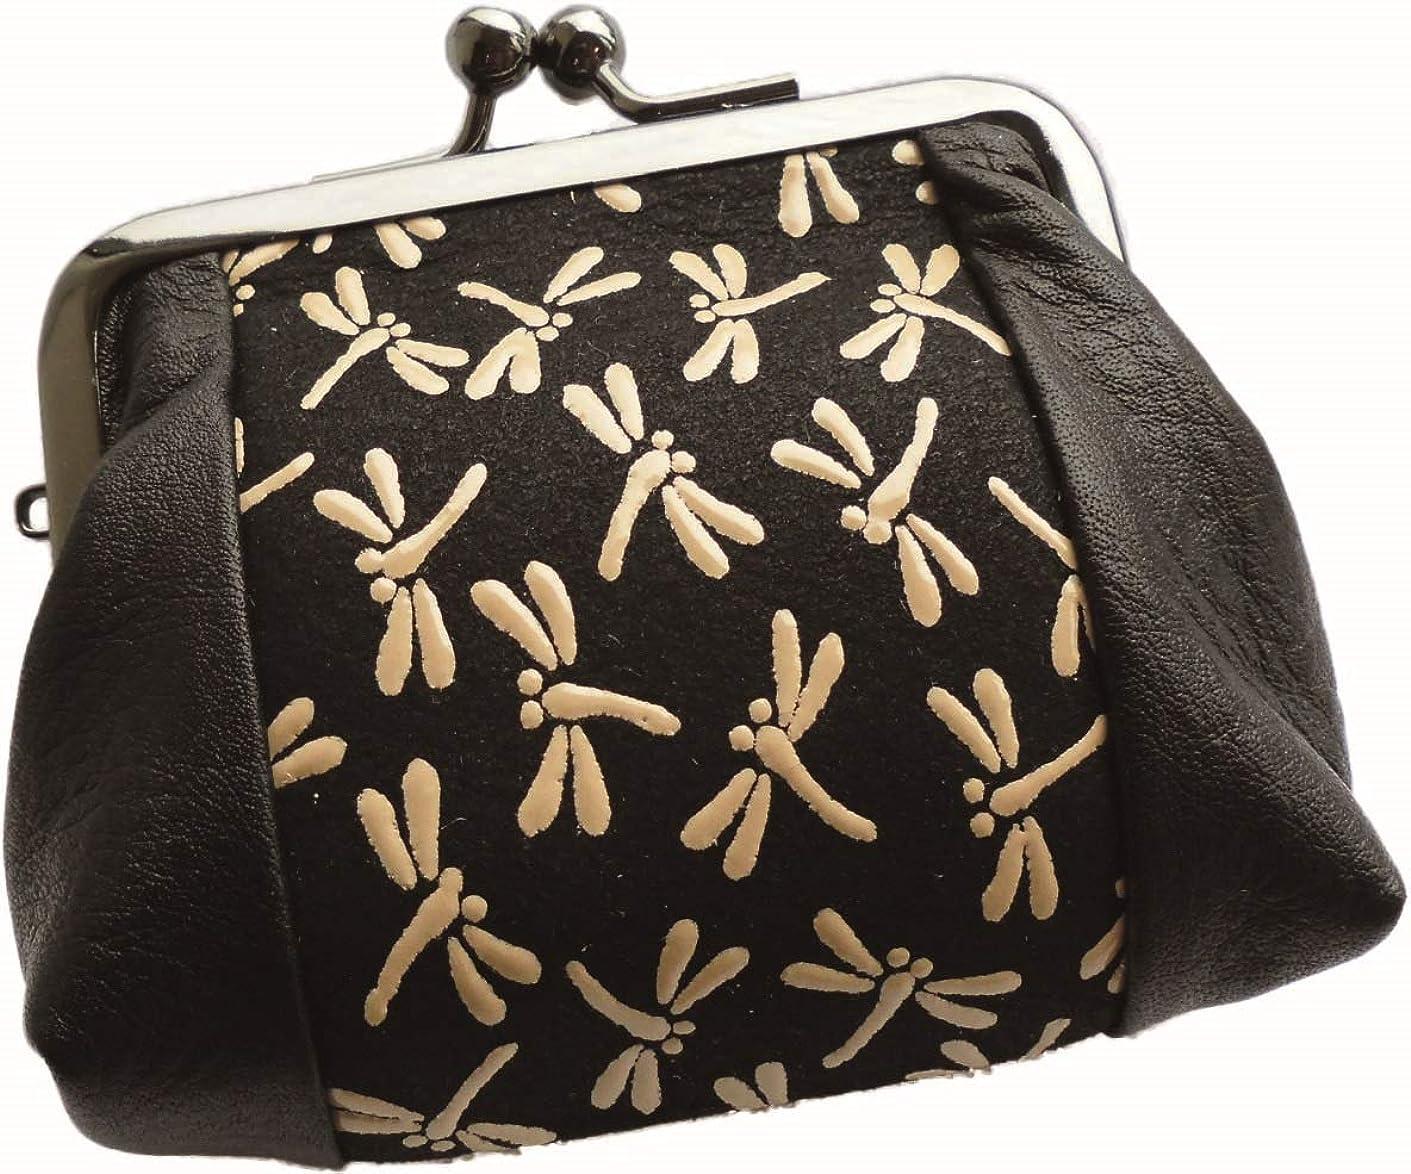 実現可能性楽しい広告する鹿革印傳本漆(トンボ柄)手平がま口財布 (ブラック×ベージュ)